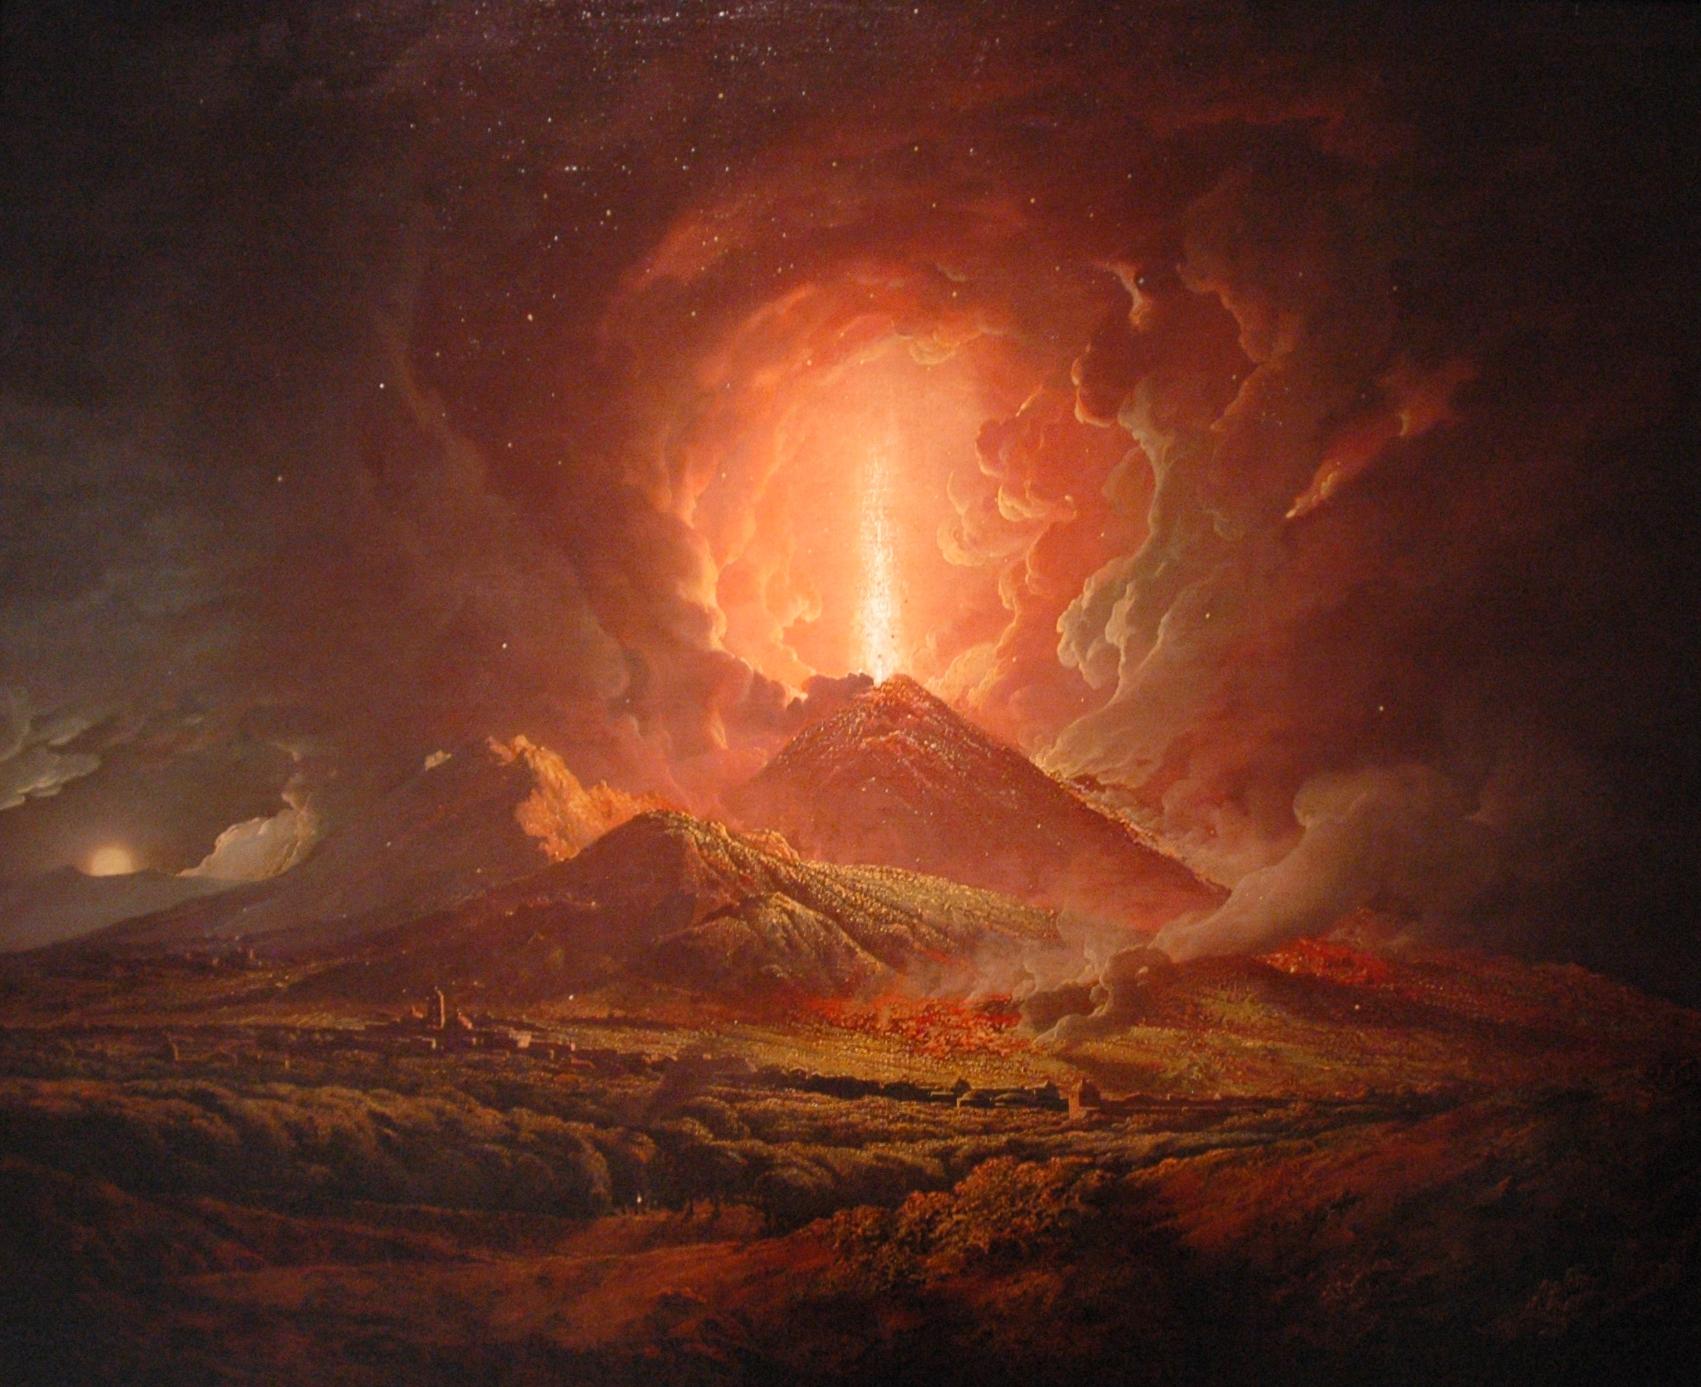 Joseph_Wright_of_Derby_-_Vesuvius_from_Portici_vulcano